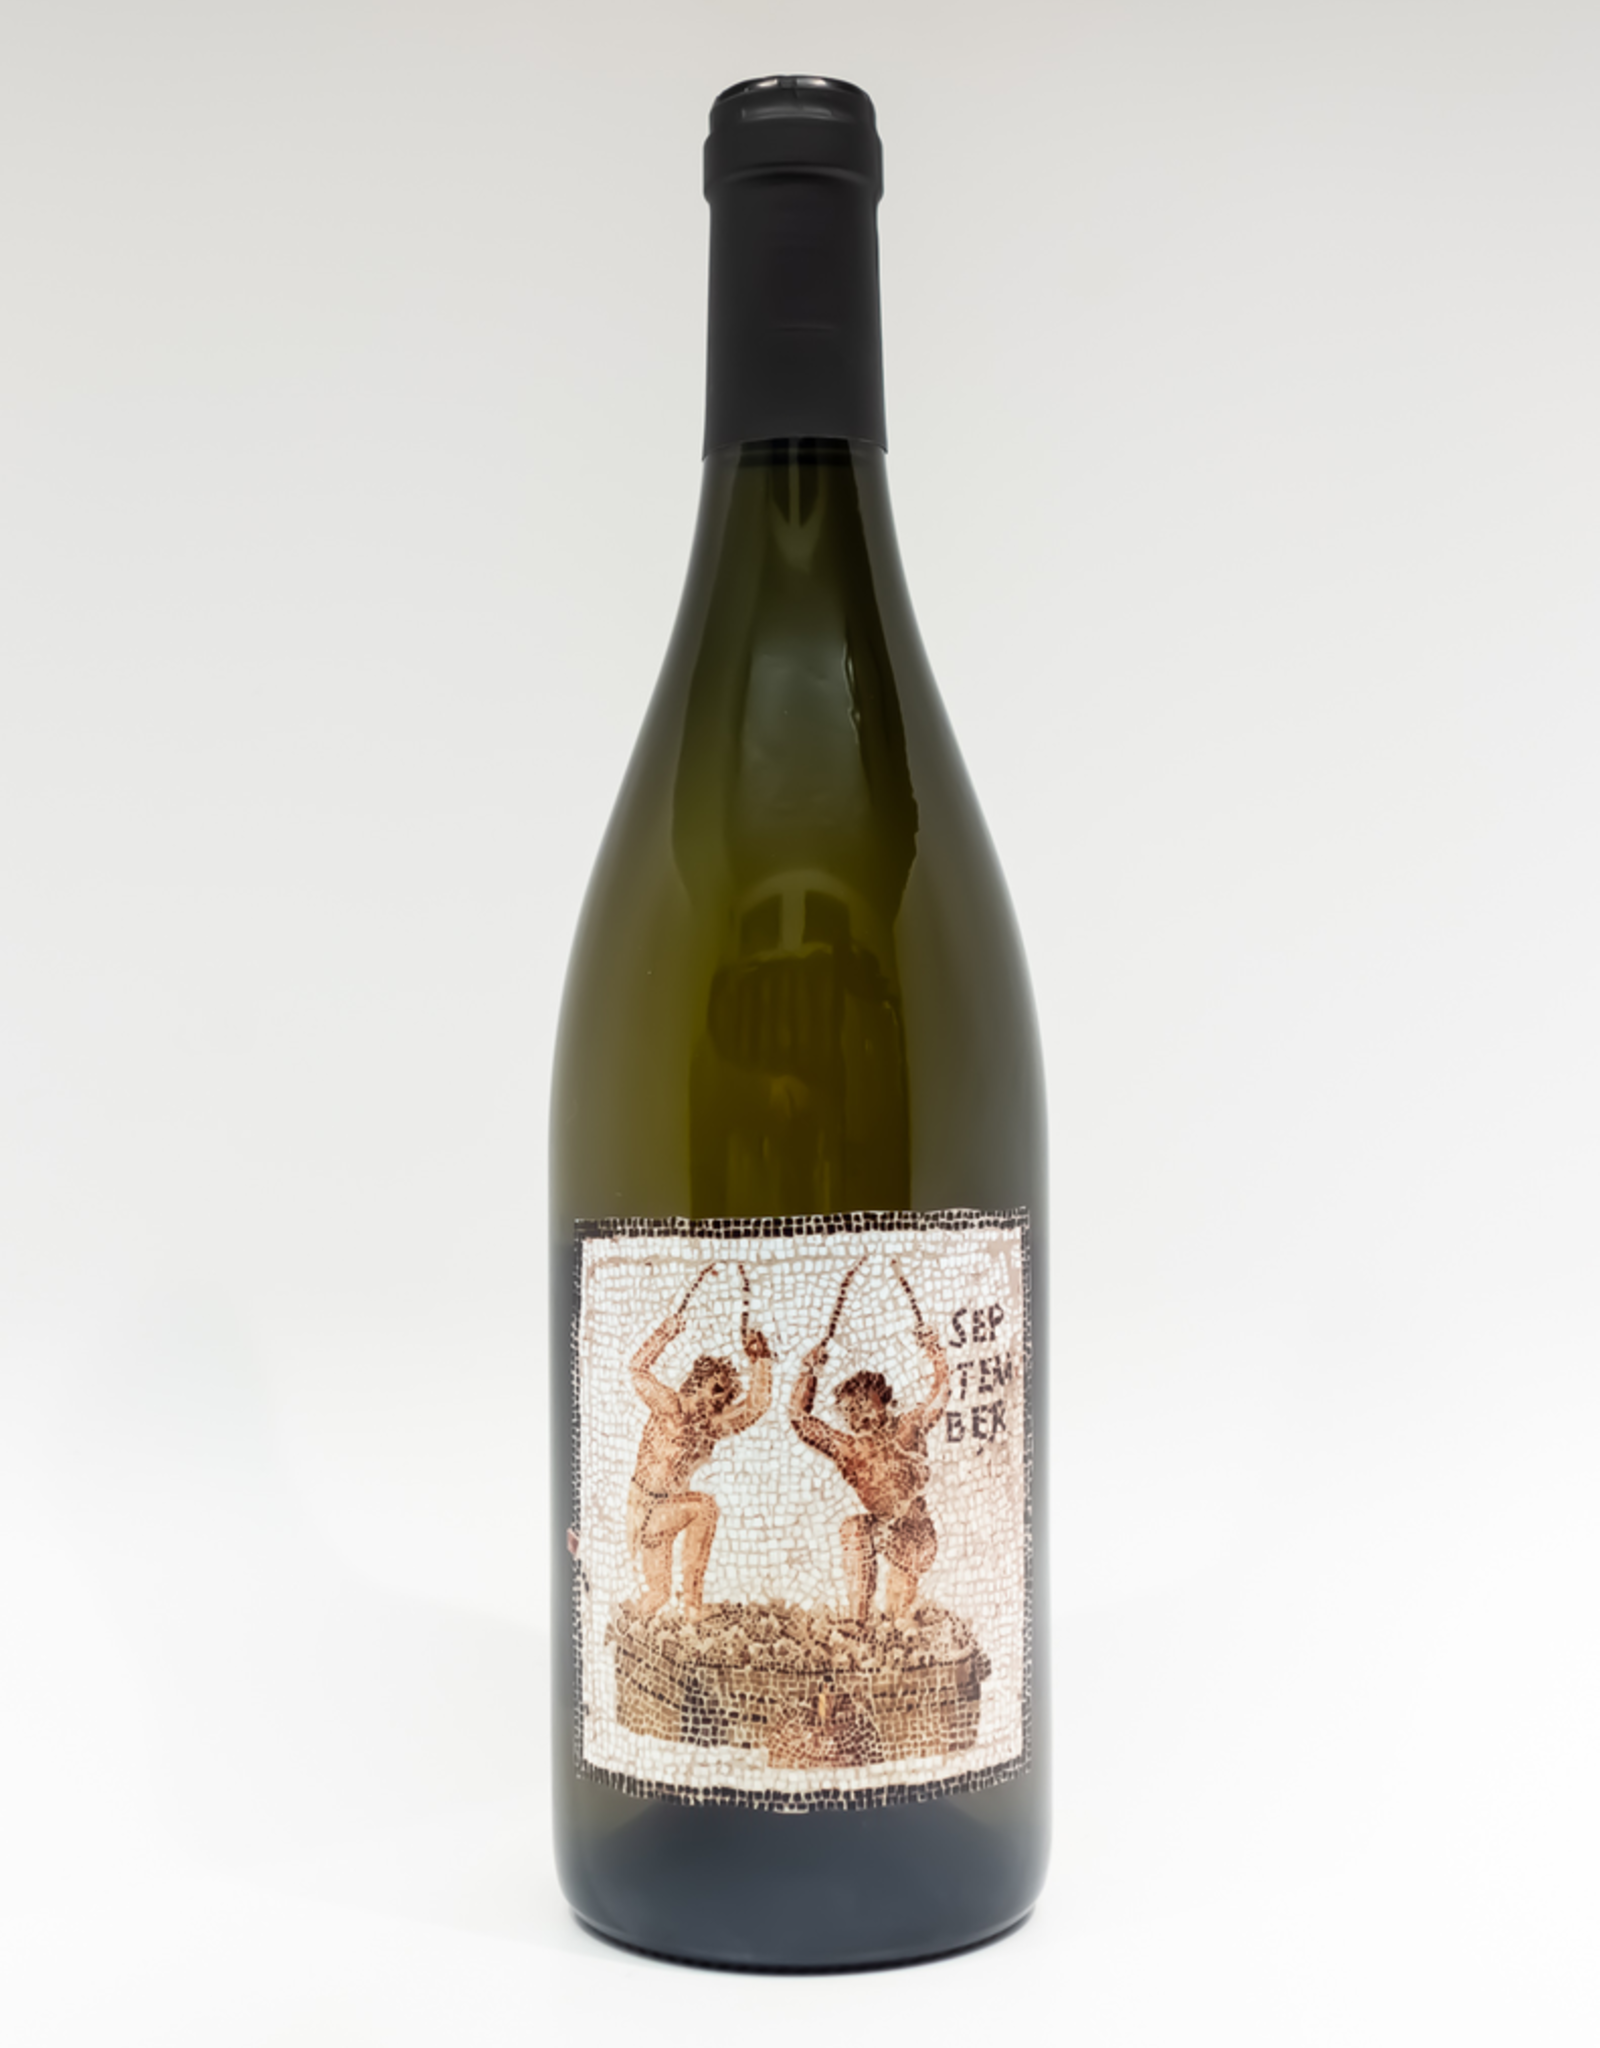 Wine-White-Round Domaine de L'Ecu 'Janus' Chardonnay Vin de France 2019